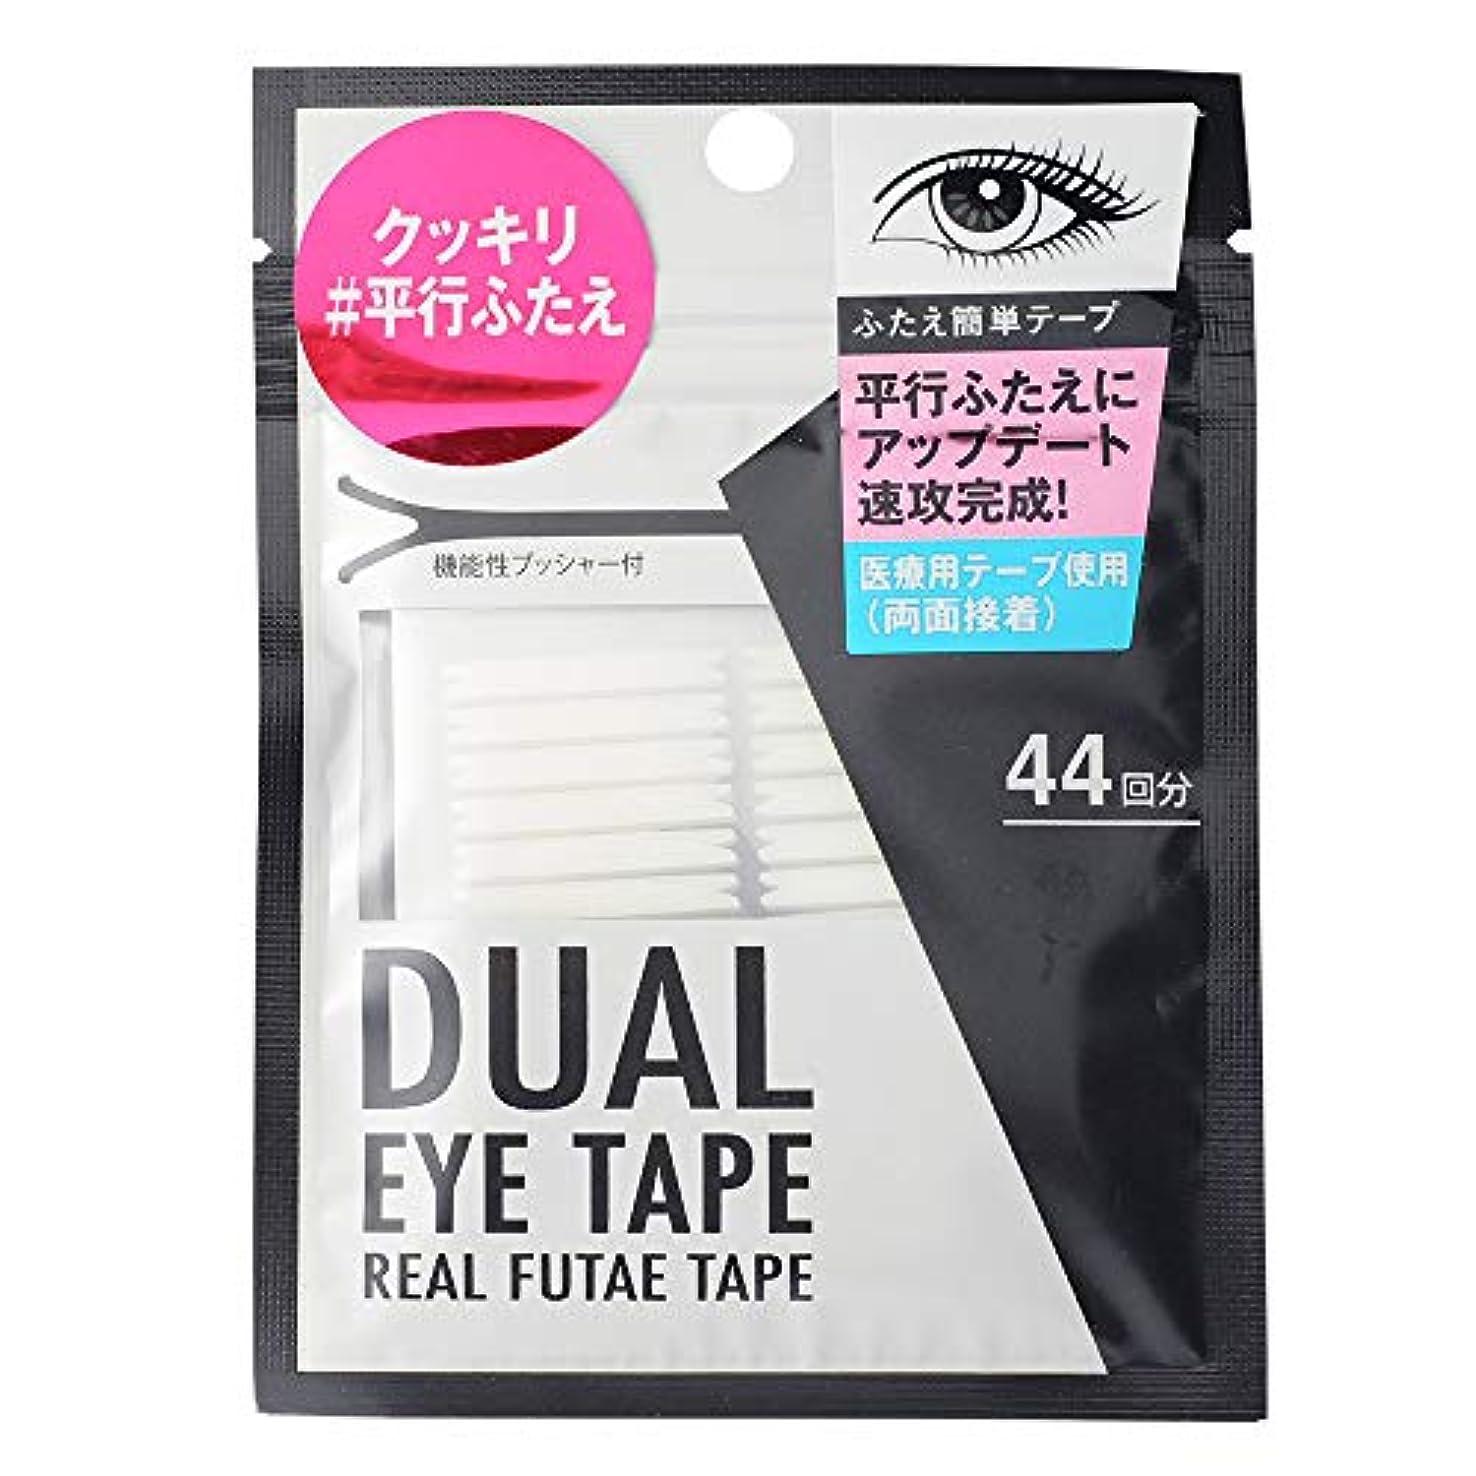 徹底的に亡命半径デュアルアイテープ (平行ふたえ両面接着テープ) (44回分)